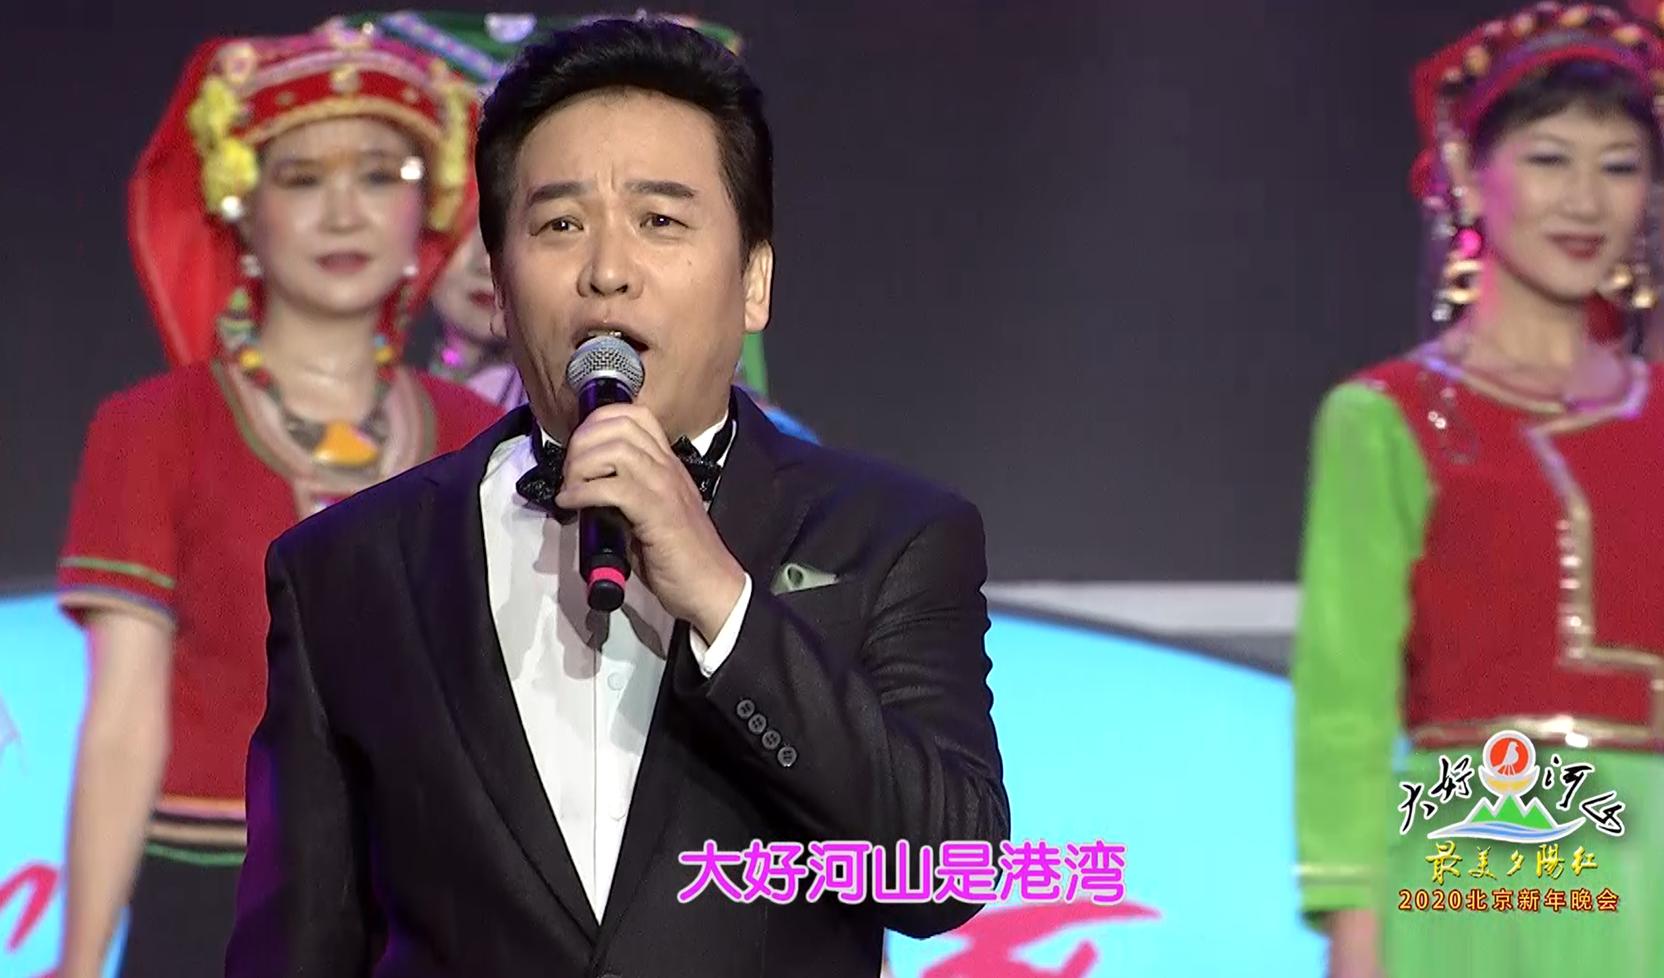 """大好河山2020北京""""最美夕阳红""""新年晚会 歌曲《相伴幸福一百年》佟铁鑫"""